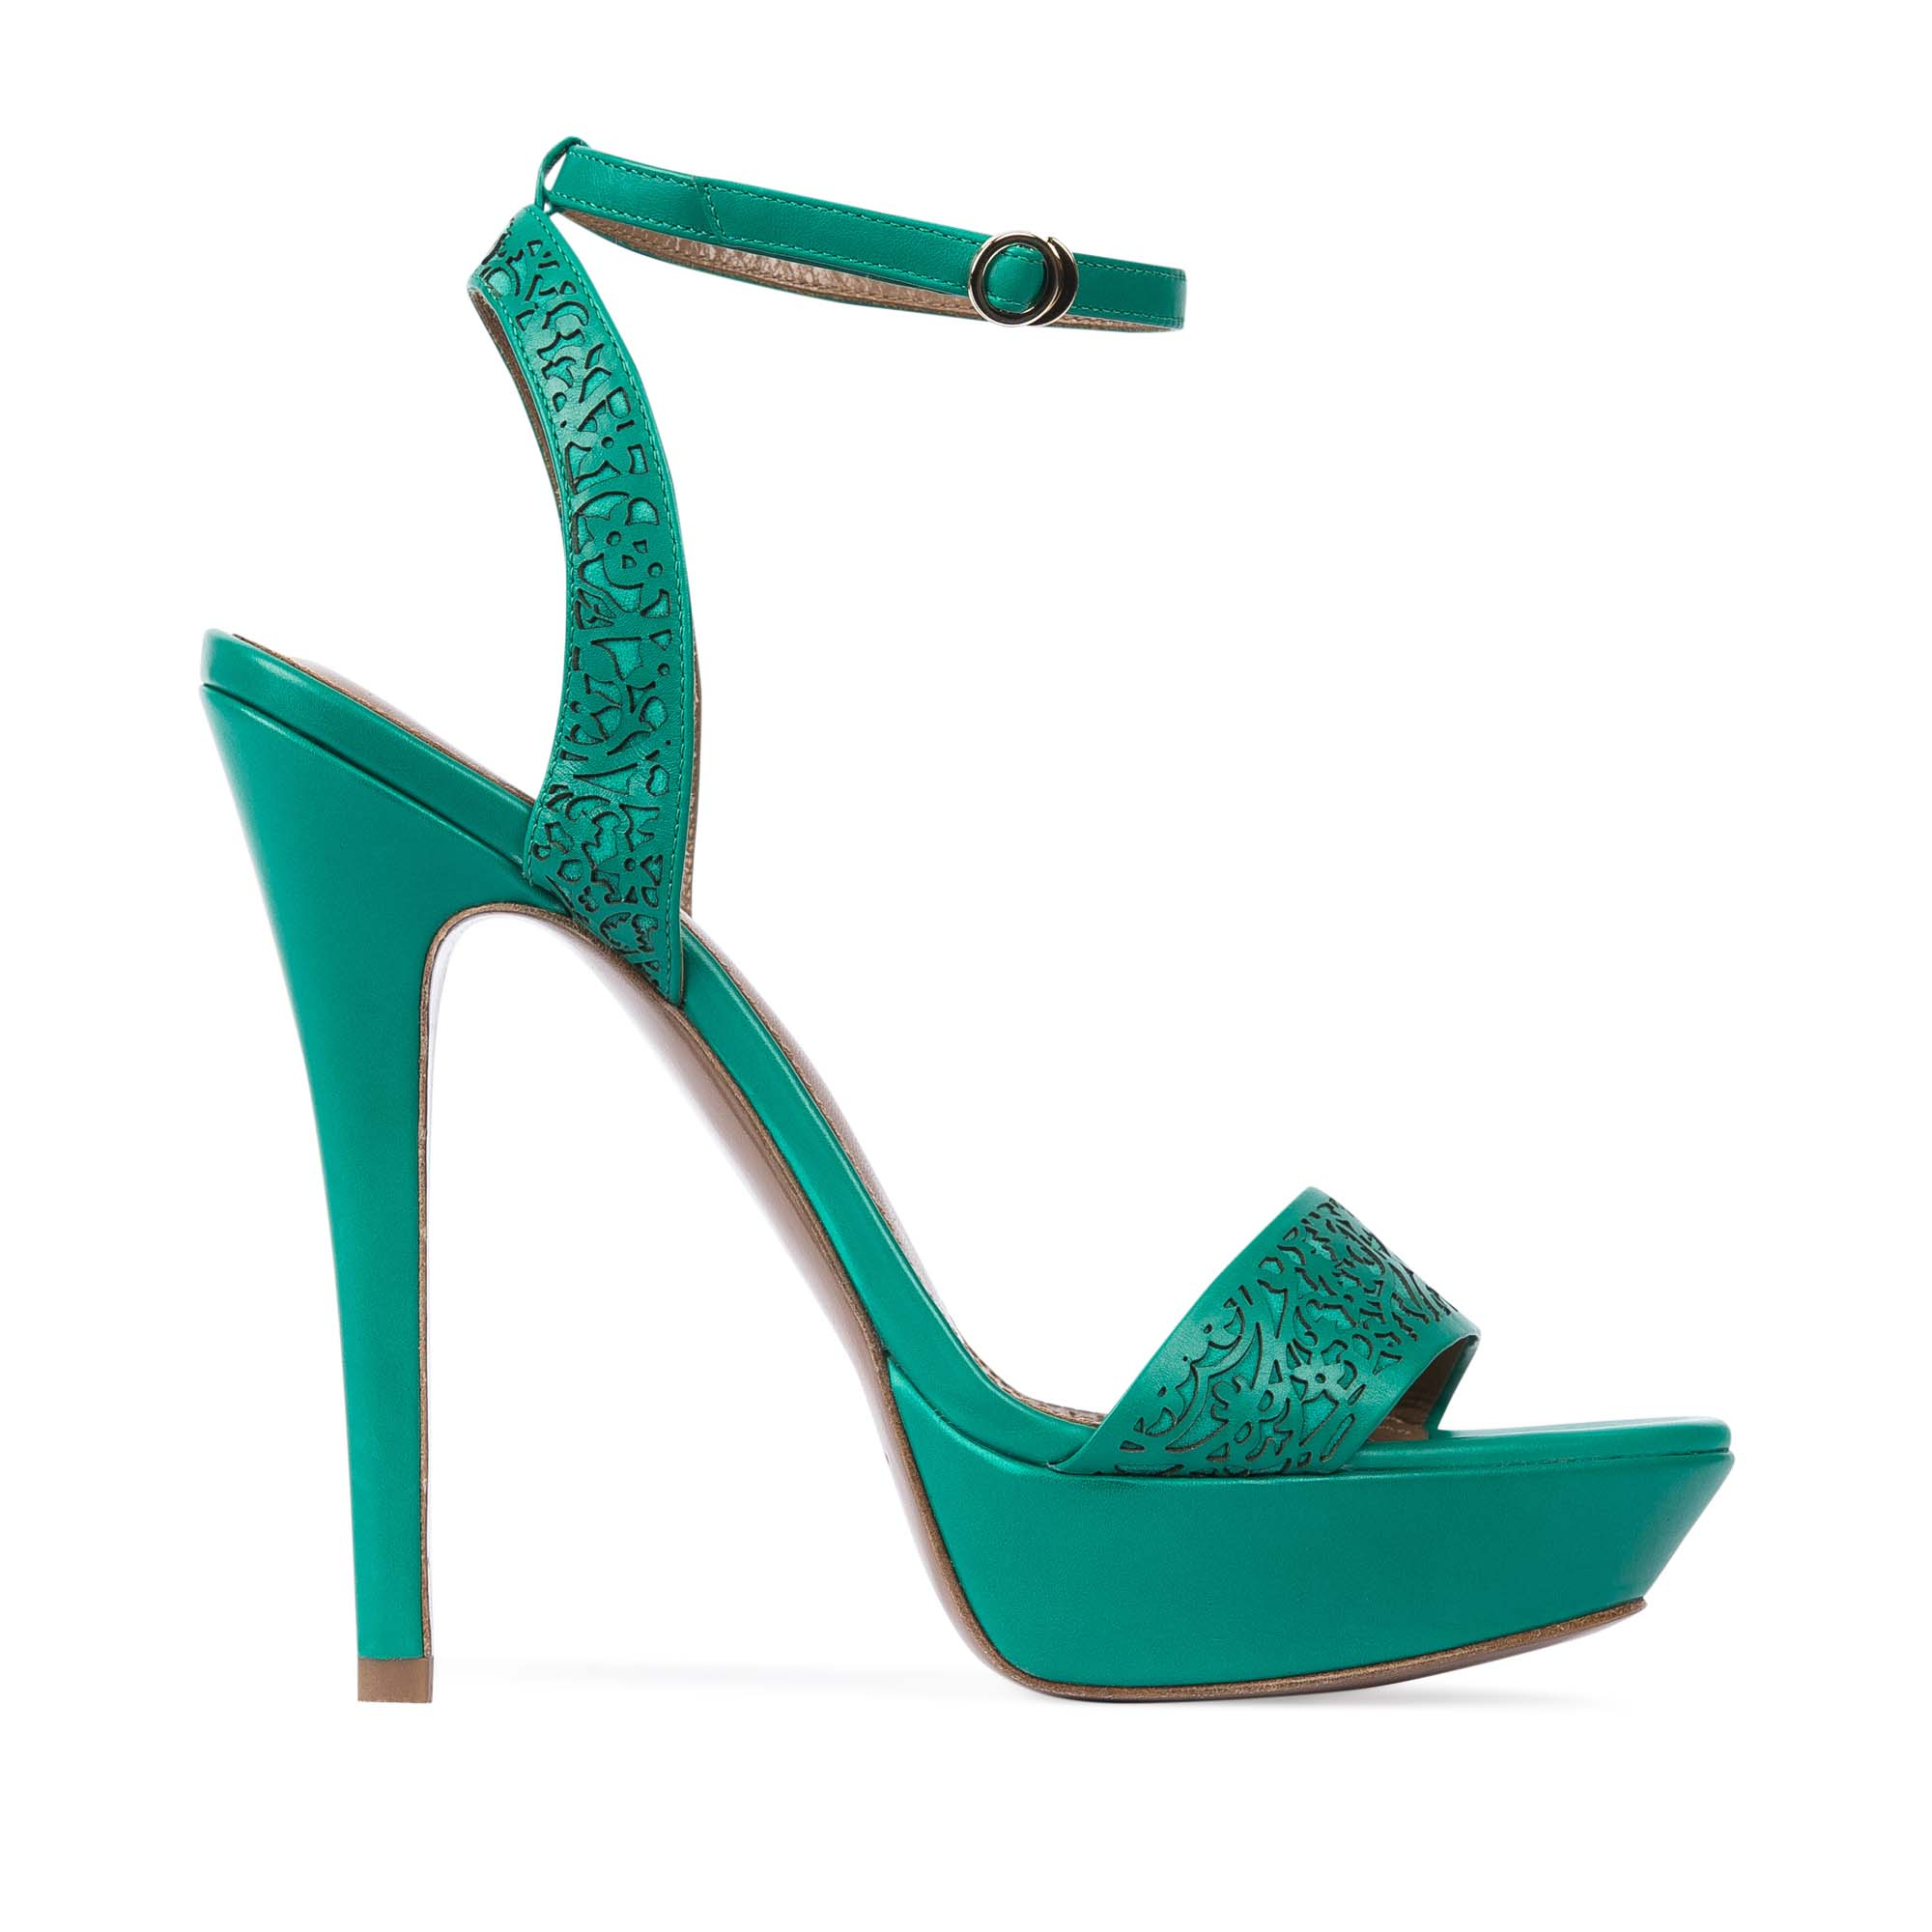 Босоножки изумрудного цвета с закрытой перфорациейТуфли женские<br><br>Материал верха: Кожа<br>Материал подкладки: Кожа<br>Материал подошвы: Кожа<br>Цвет: Зеленый<br>Высота каблука: 13 см<br>Дизайн: Италия<br>Страна производства: Китай<br><br>Высота каблука: 13 см<br>Материал верха: Кожа<br>Материал подкладки: Кожа<br>Цвет: Зеленый<br>Вес кг: 0.52600000<br>Размер: 39